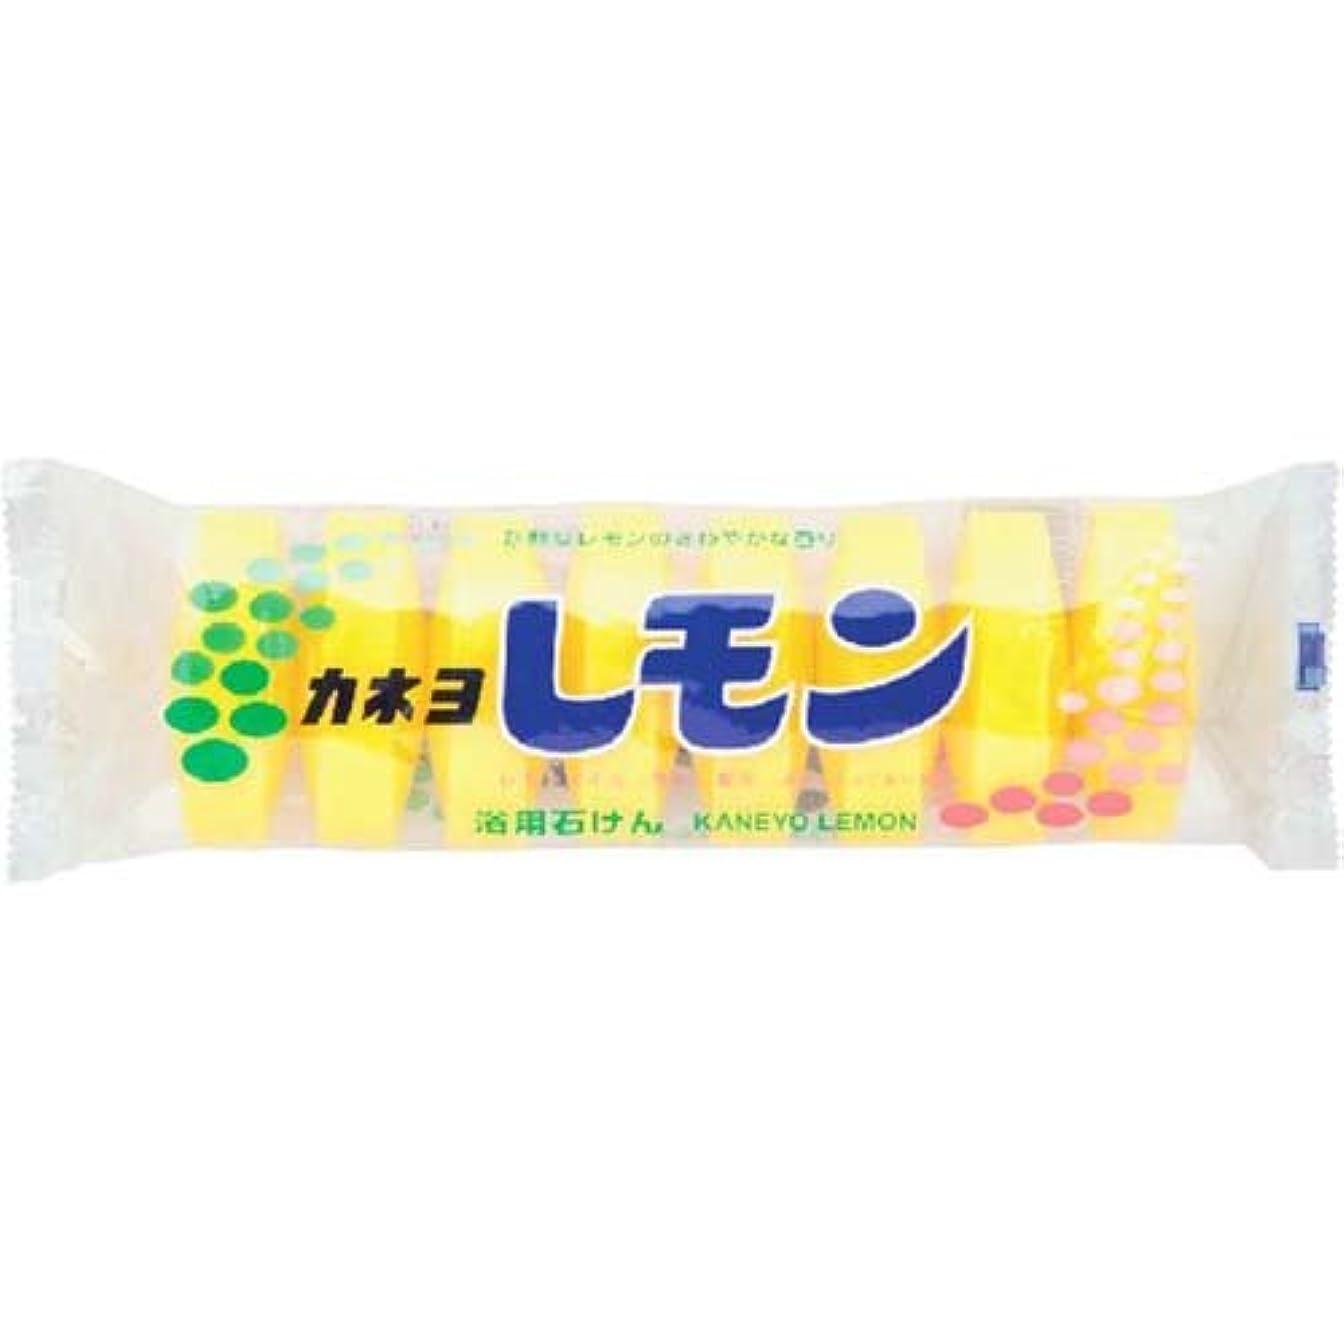 実験静けさスーパーカネヨ レモン石鹸 8個